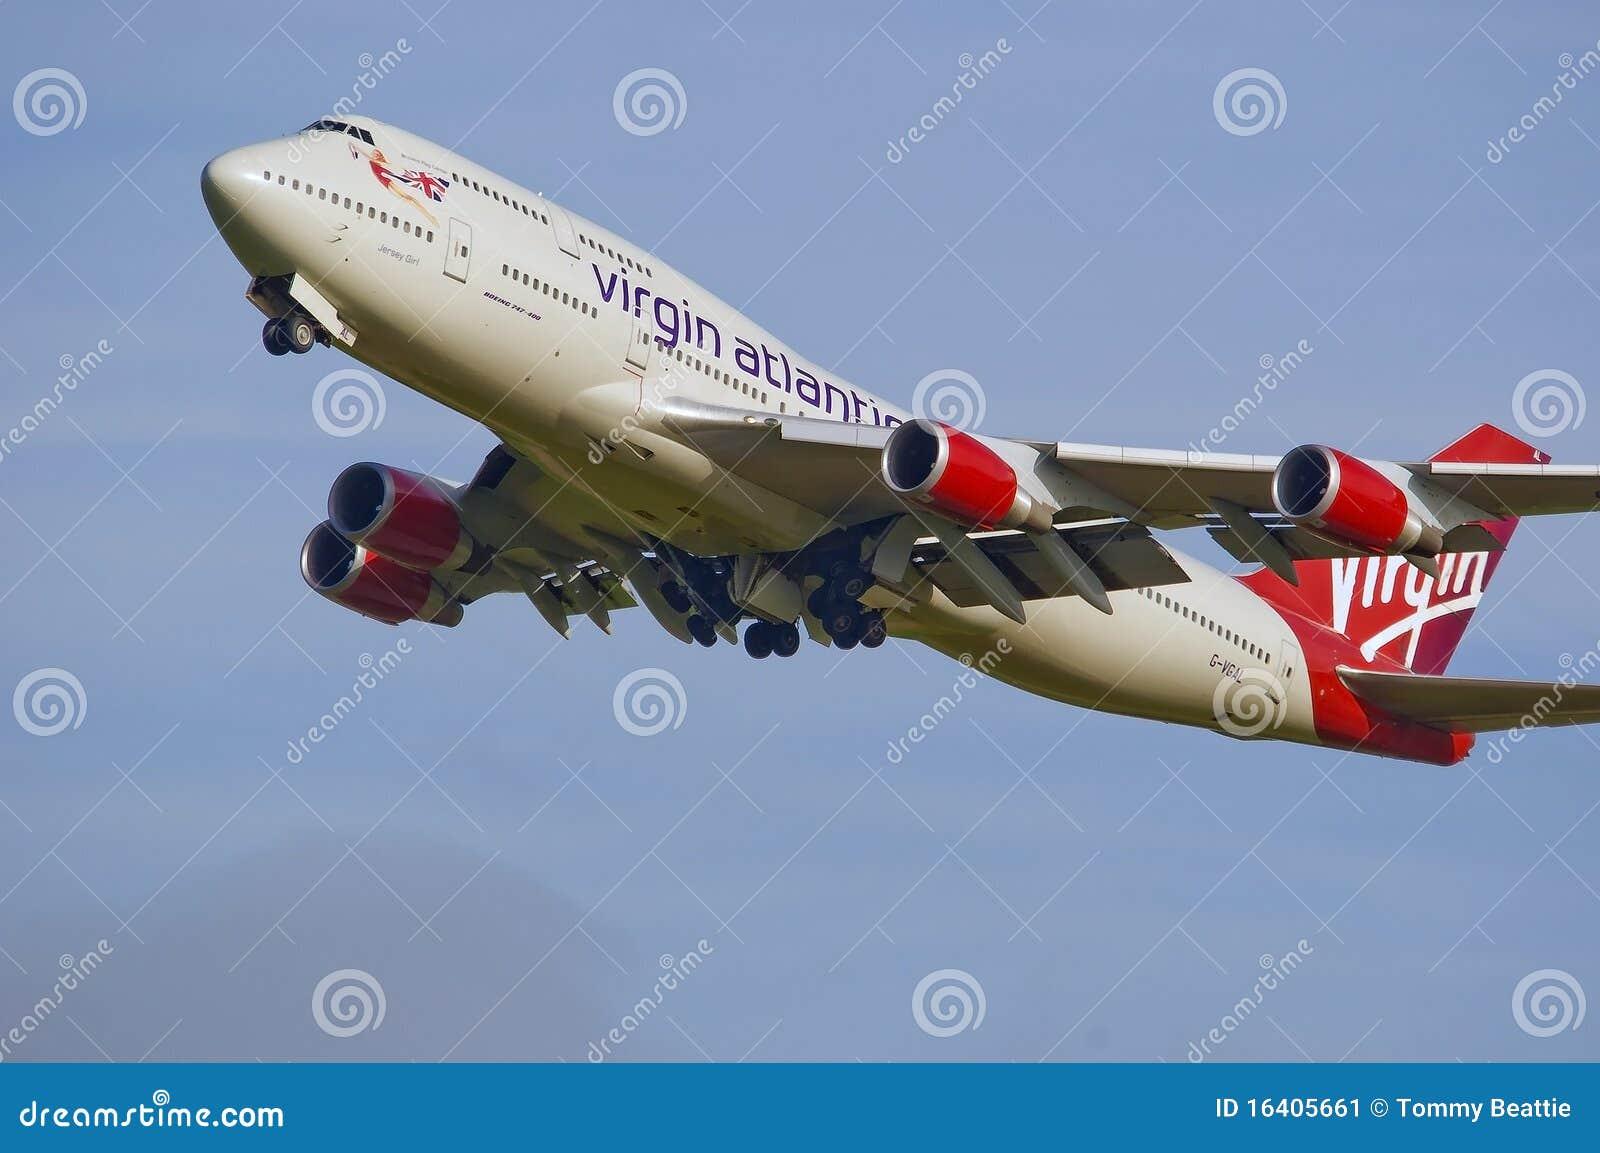 Virgin Atlantic Jumbo 747